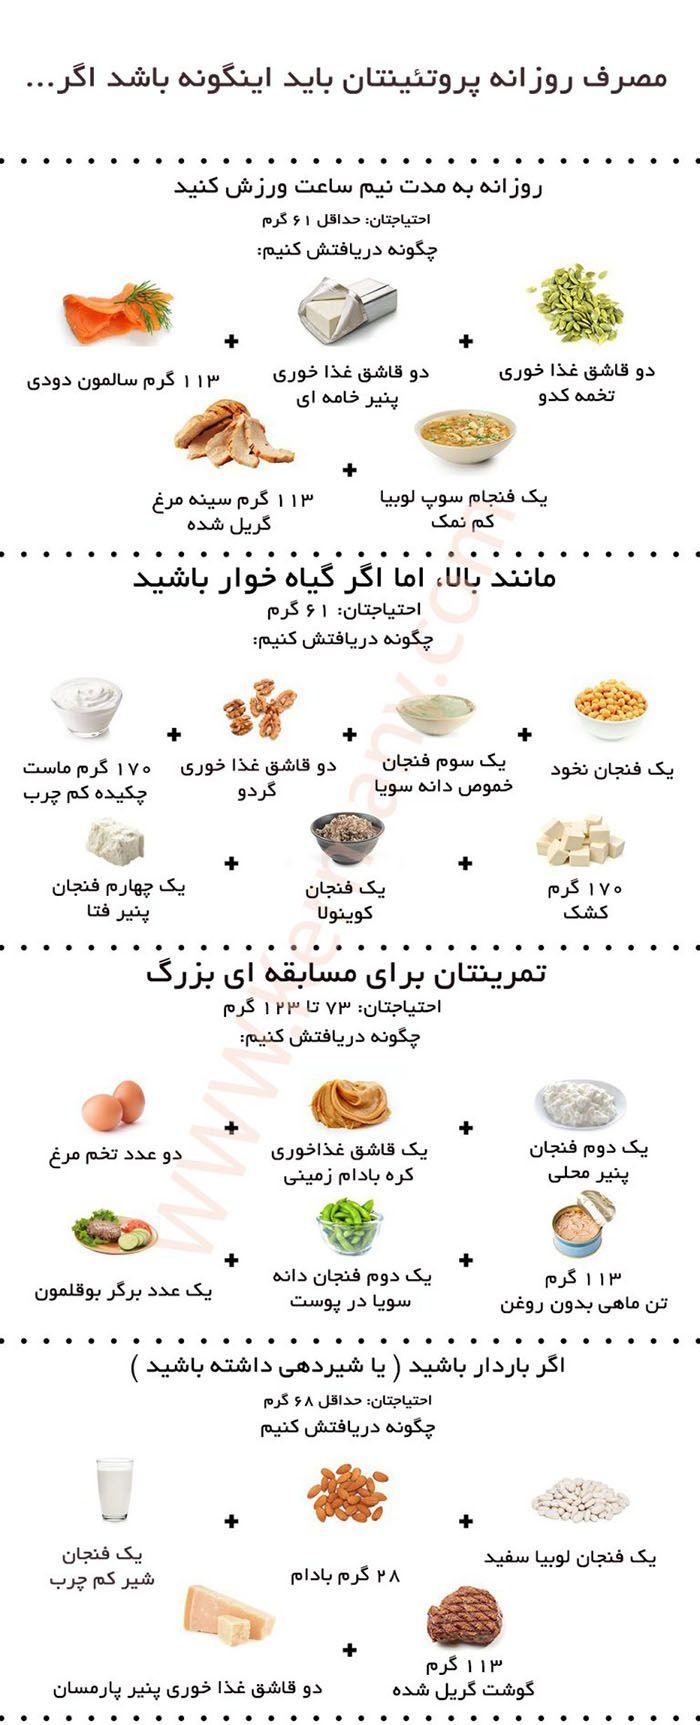 در مصرف پروتئین ها زیاده روی نکنید